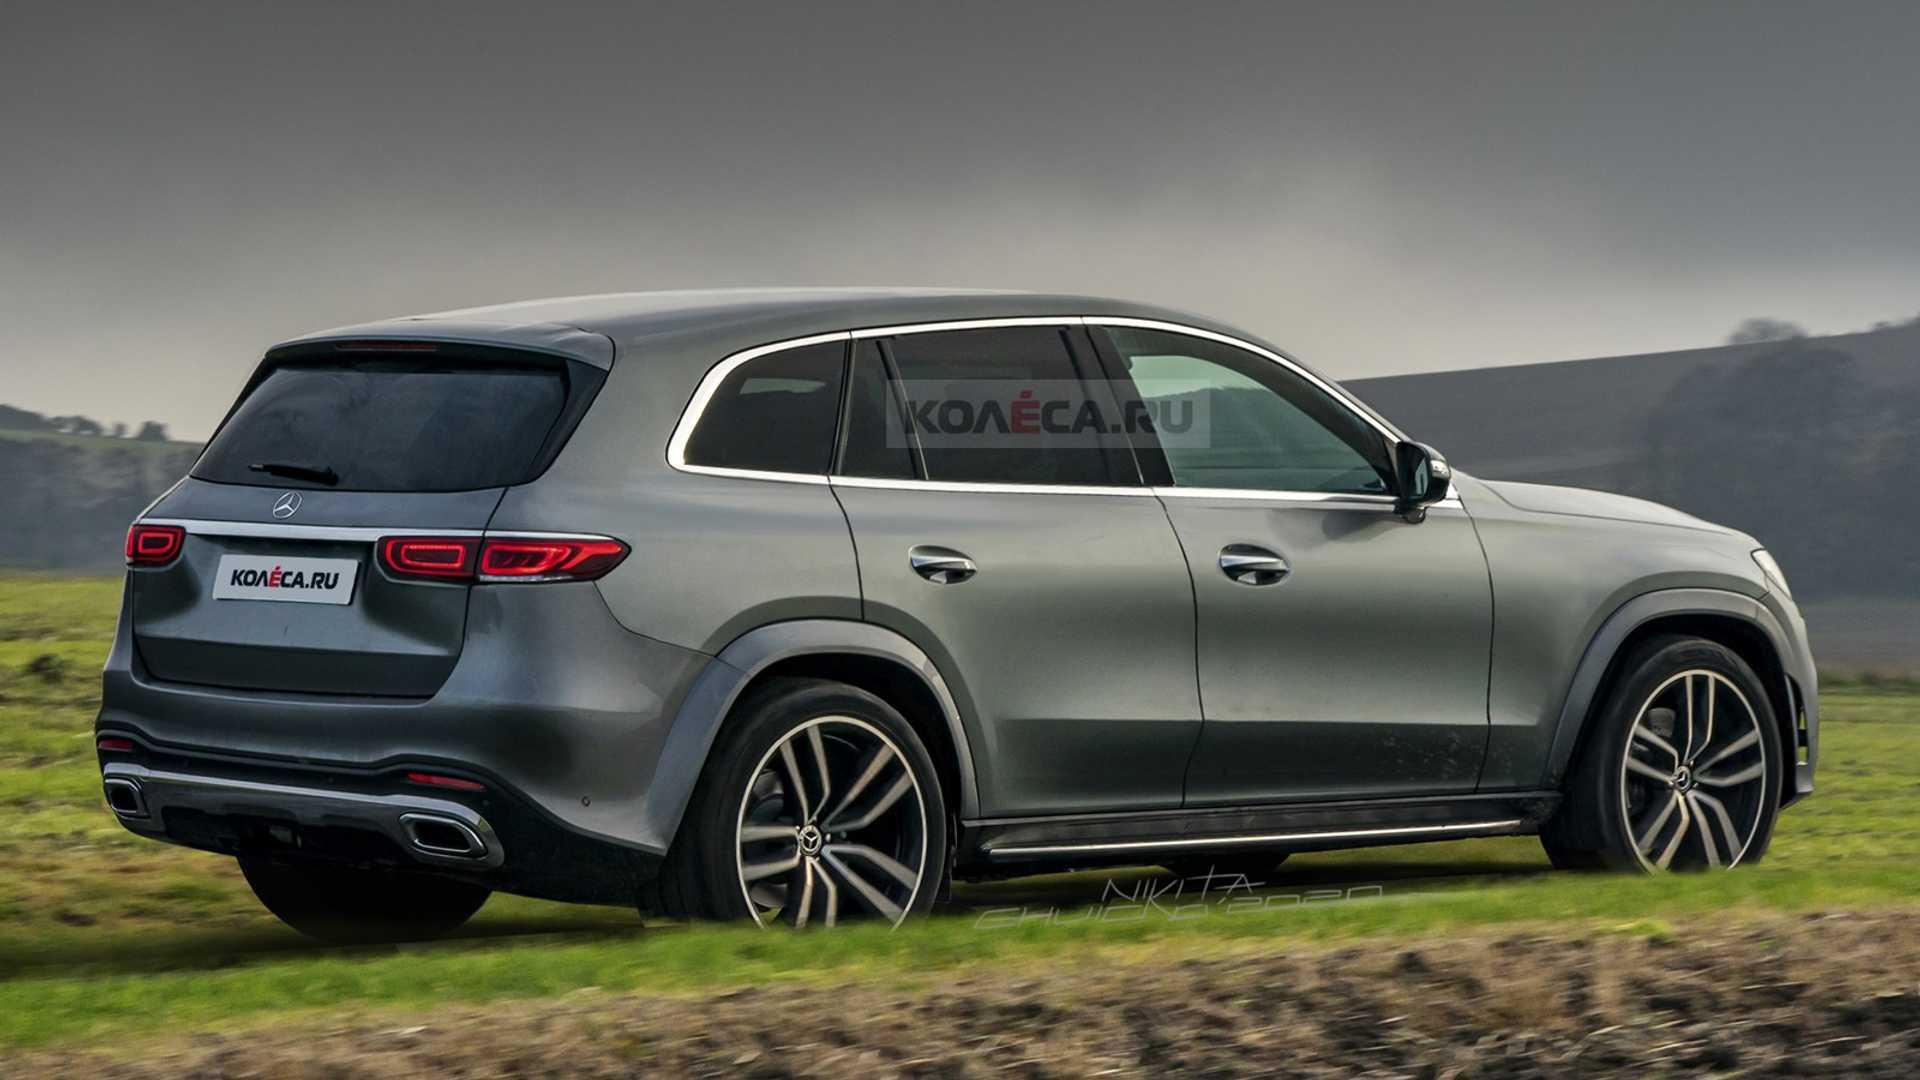 2022年梅赛德斯GLC渲染想象一辆更精致的SUV